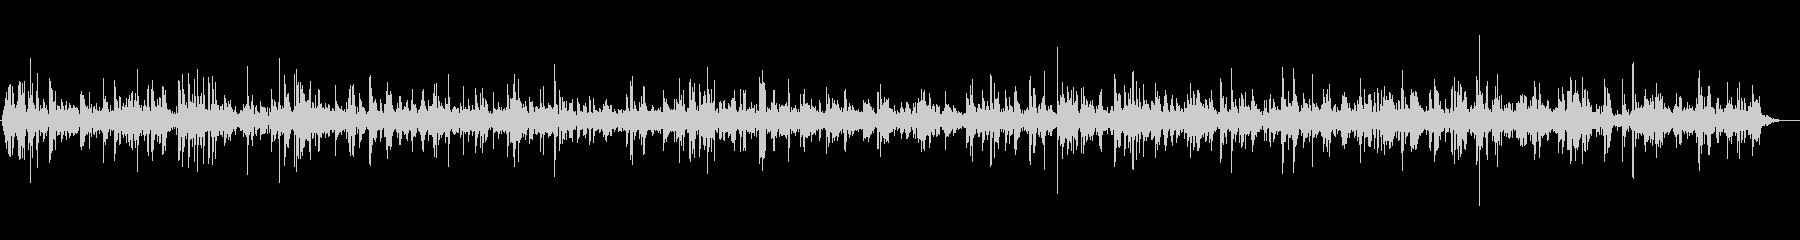 JAZZ|映像・オープニング・ラジオの未再生の波形